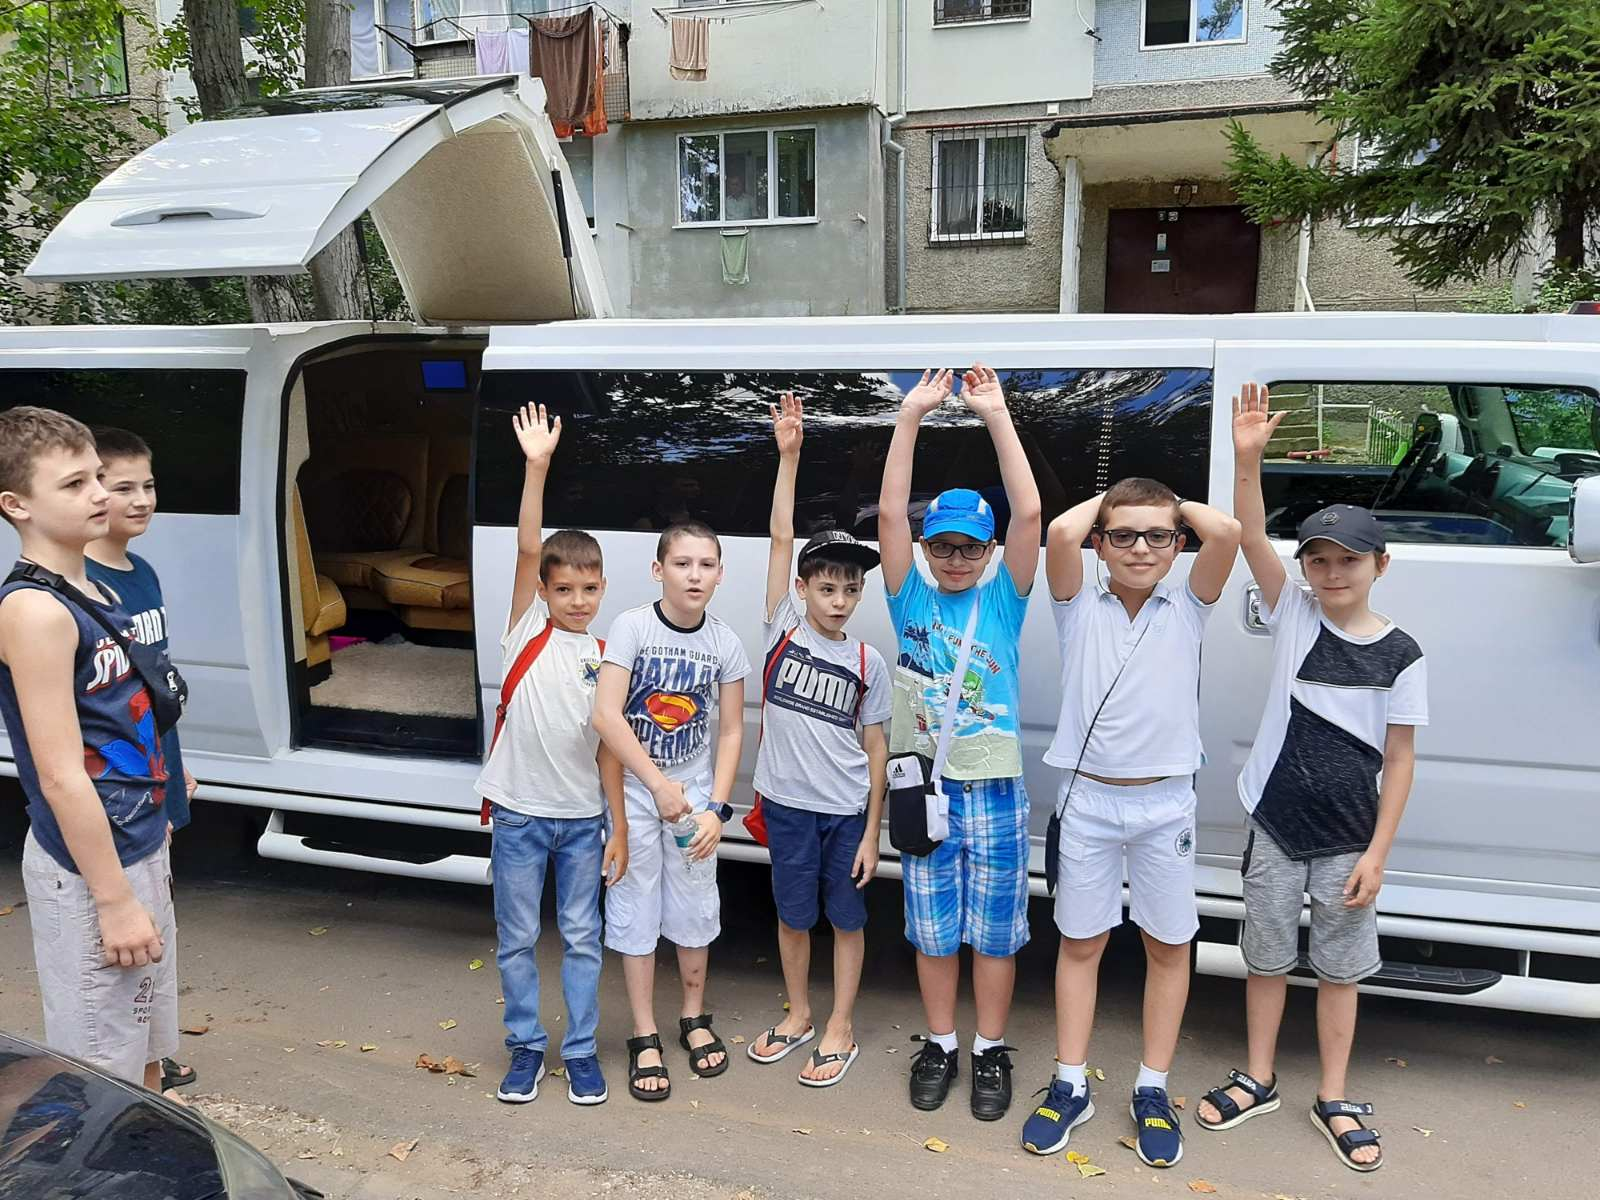 Прокат лимузинов в Молдове_2021-04-24_12-30-03